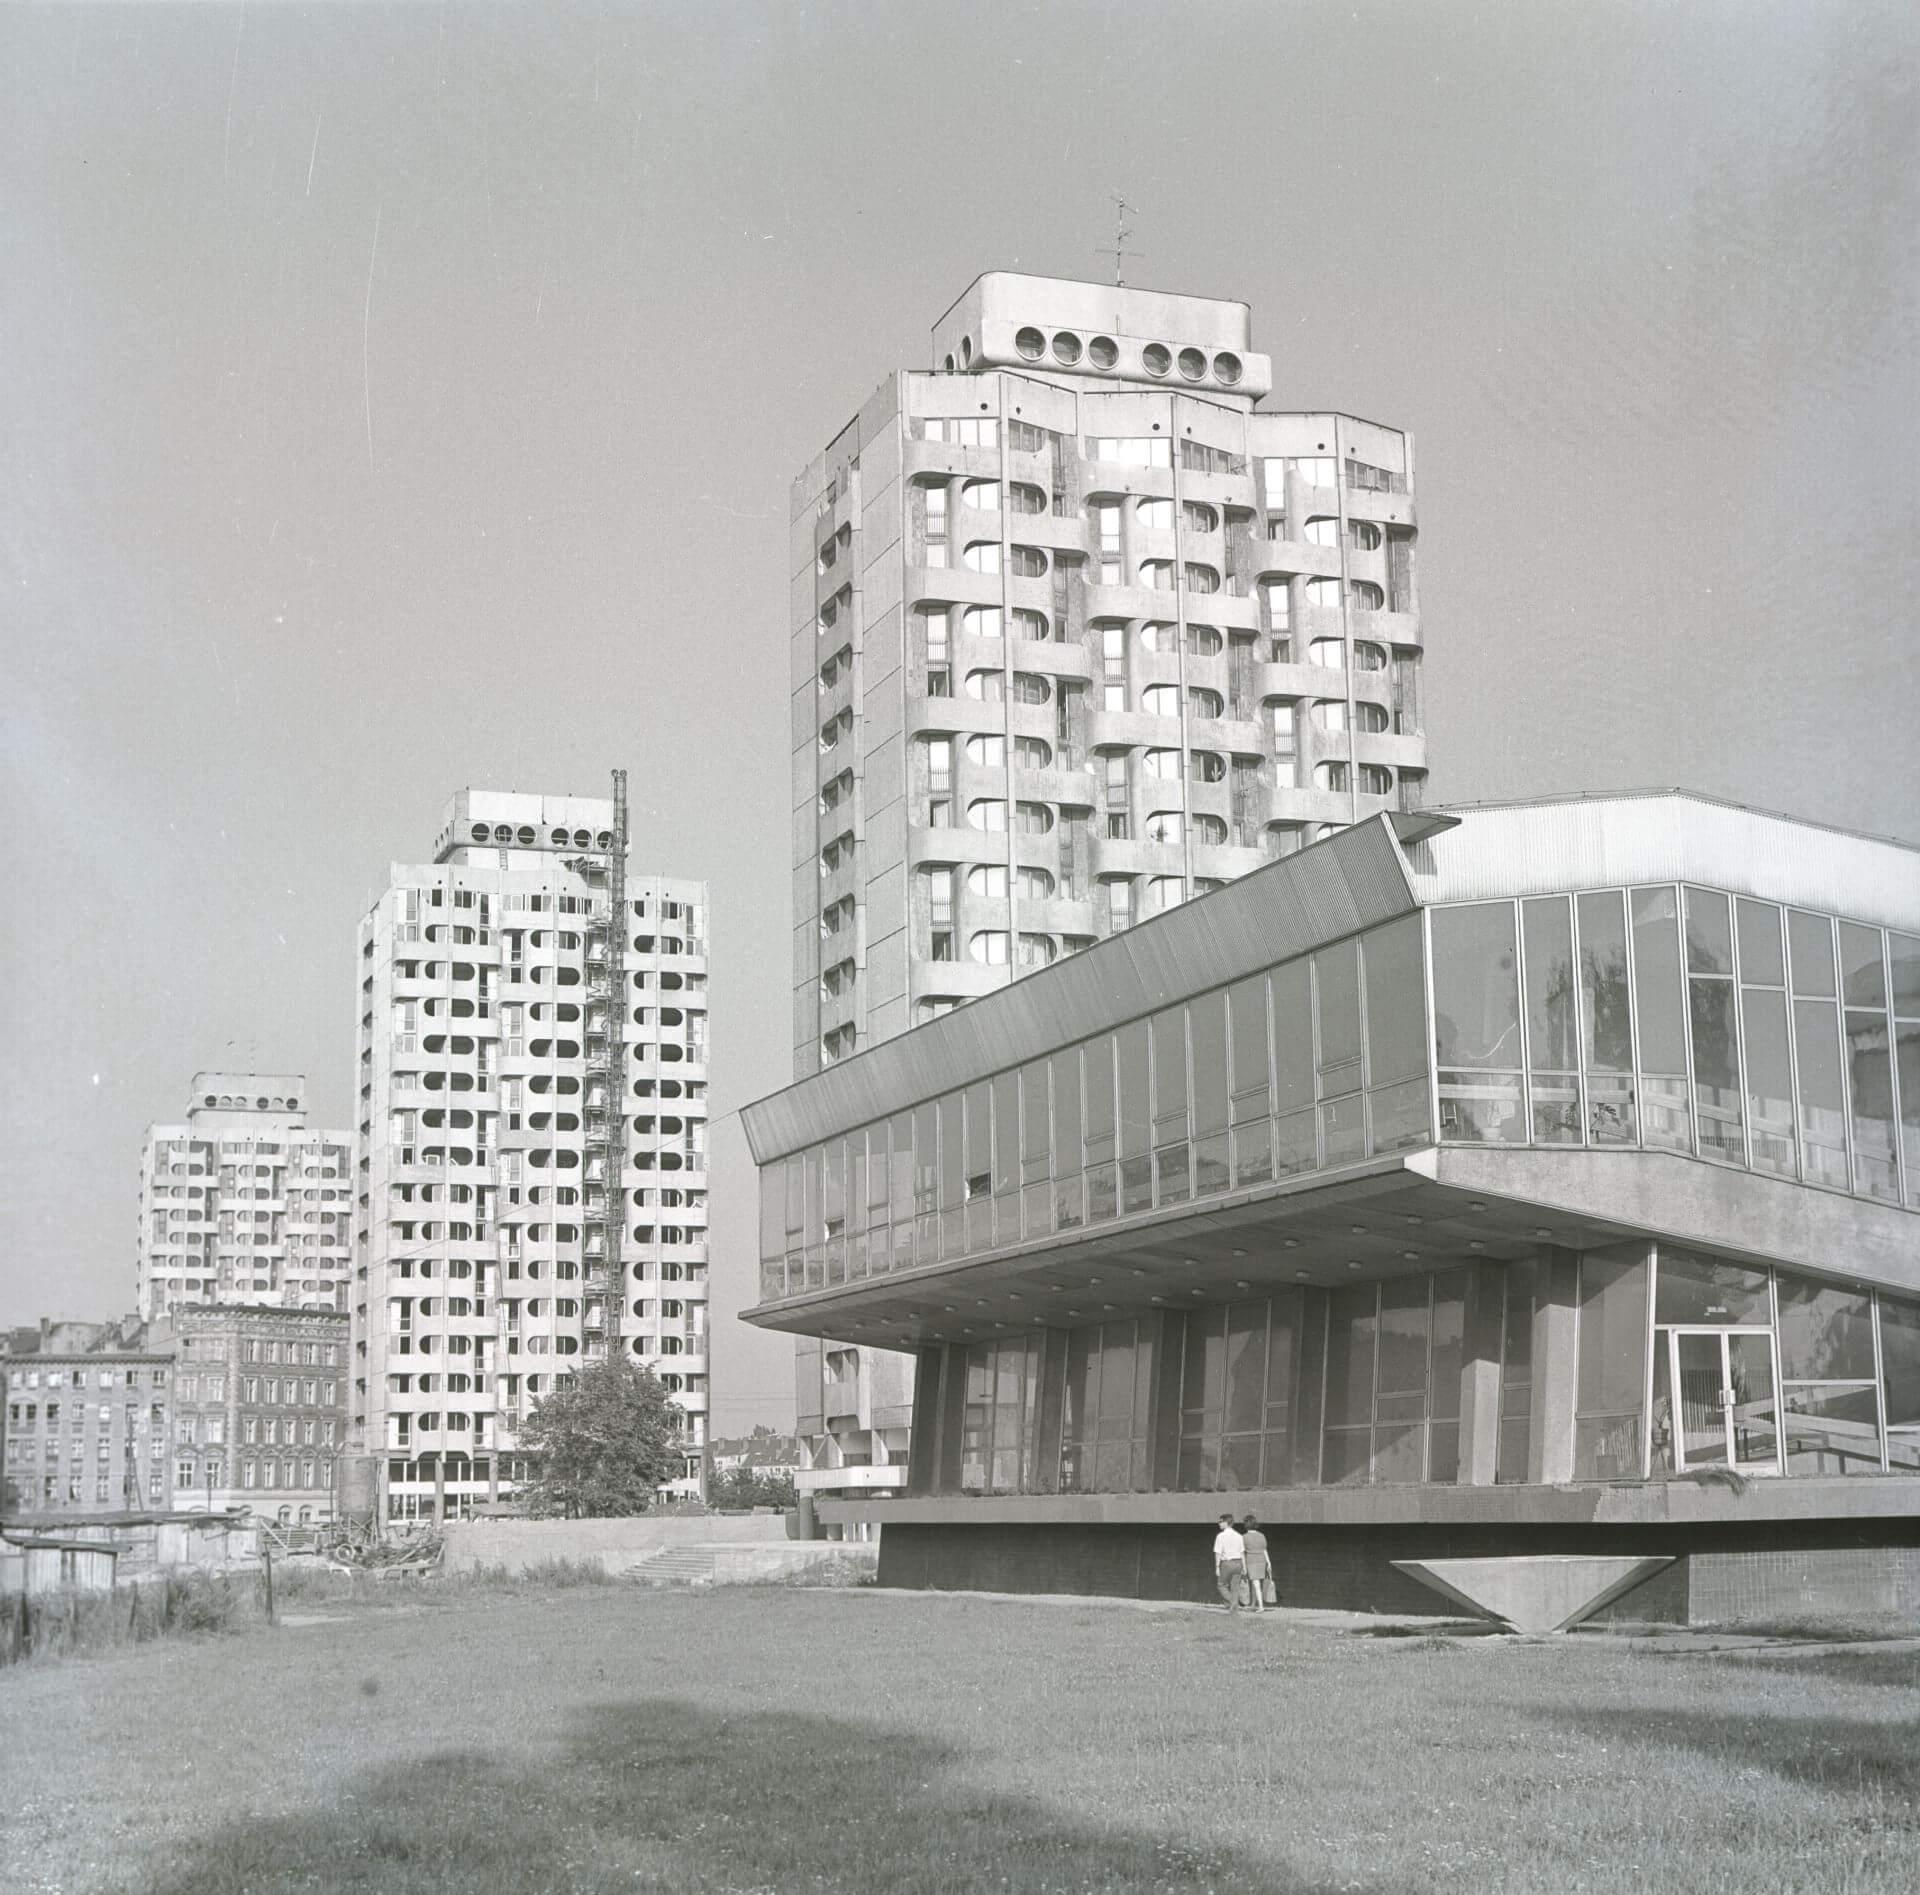 6.Zespół mieszkalno-usługowy przy placu Grunwaldzkim, 1969-75,fot. Zbigniew Nowak, 1974, zbiory: Ośrodek Pamięć i Przyszłość